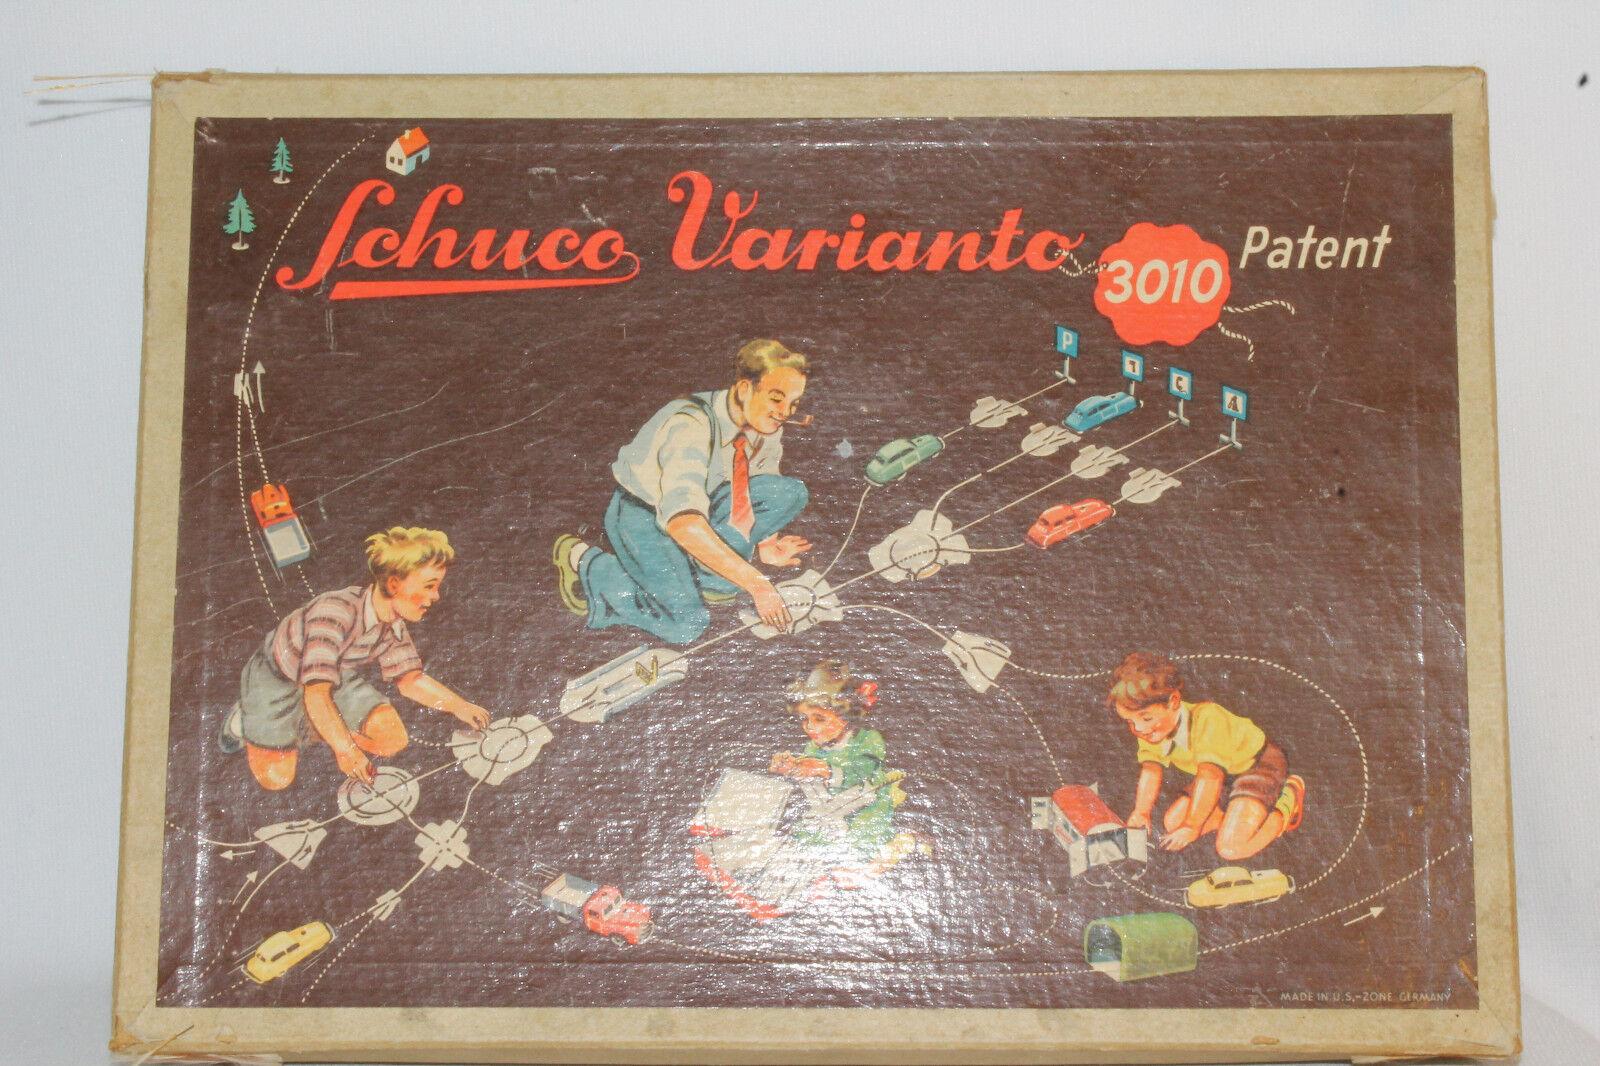 1950's Schuco Varianto Set c, agradable Con Caja Original